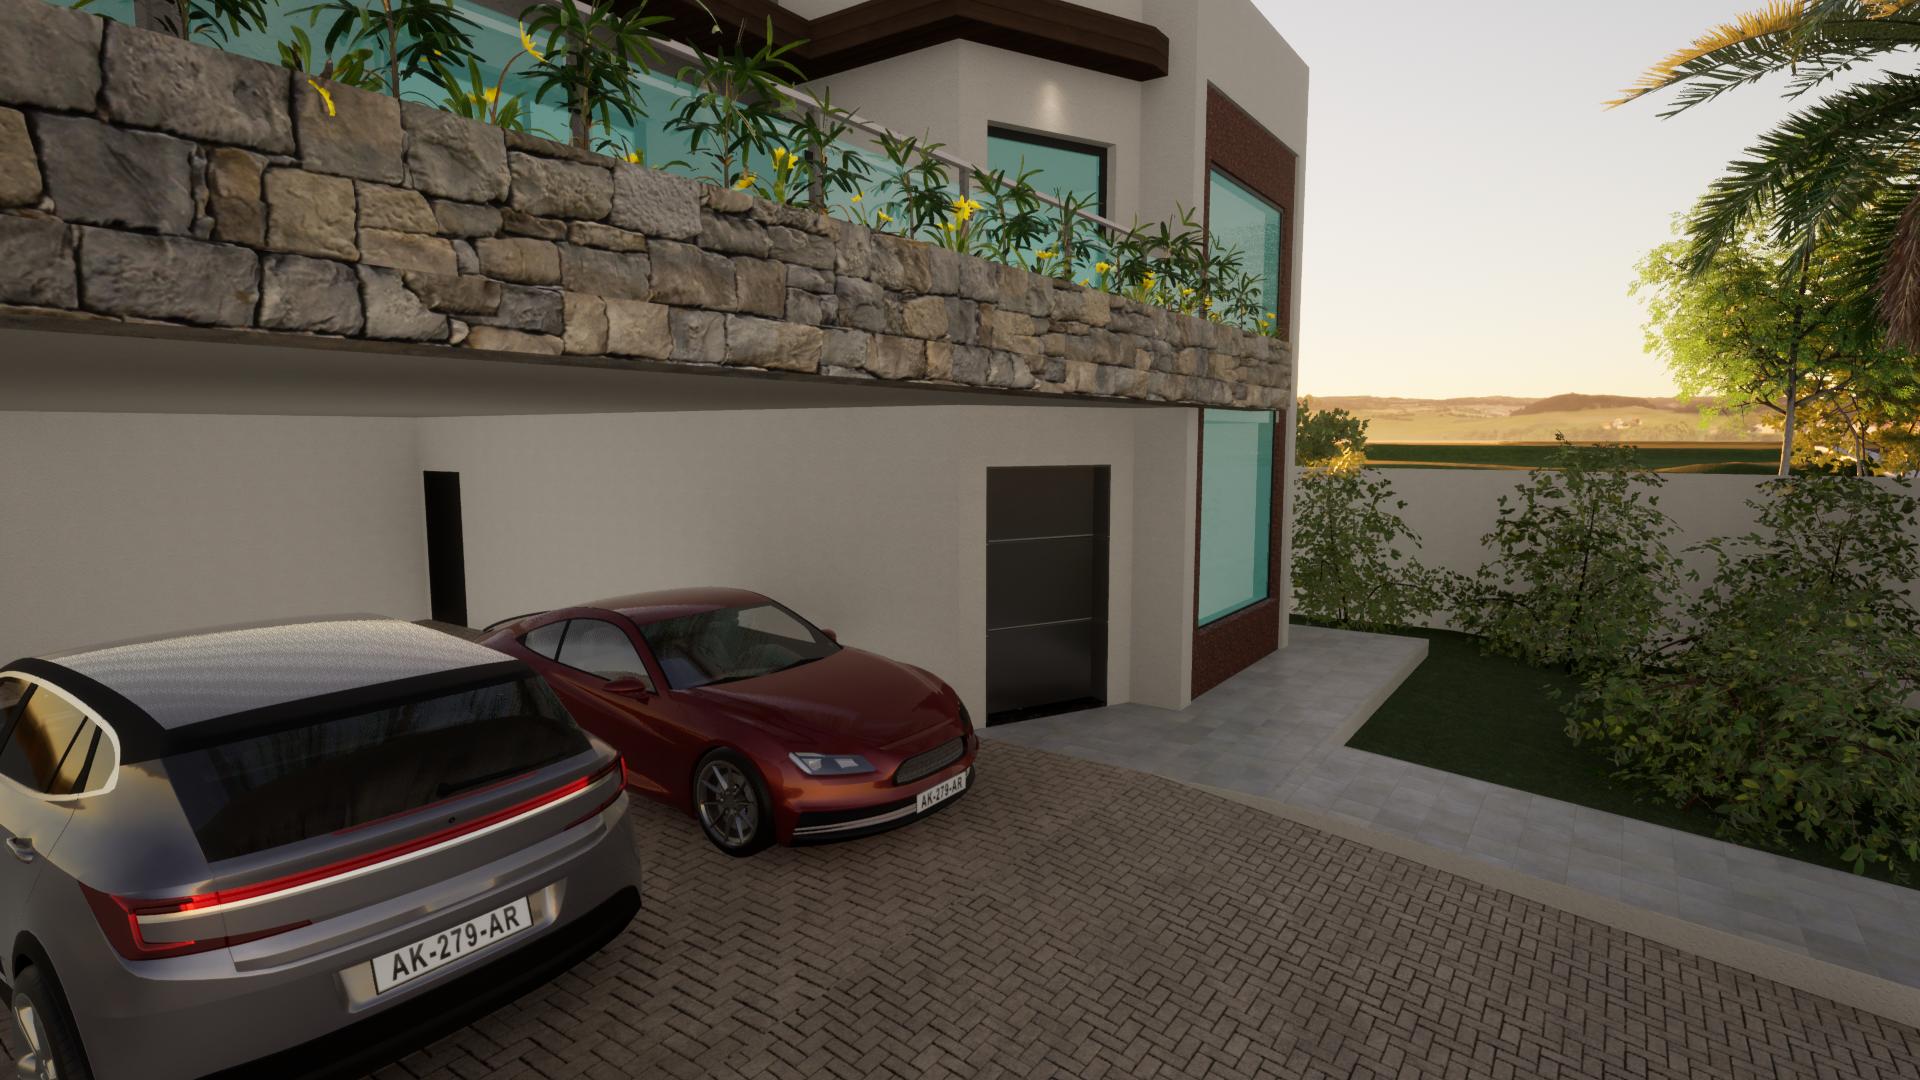 Projeto_Casas_do_Ribeiro_GrupoPsantos (16)